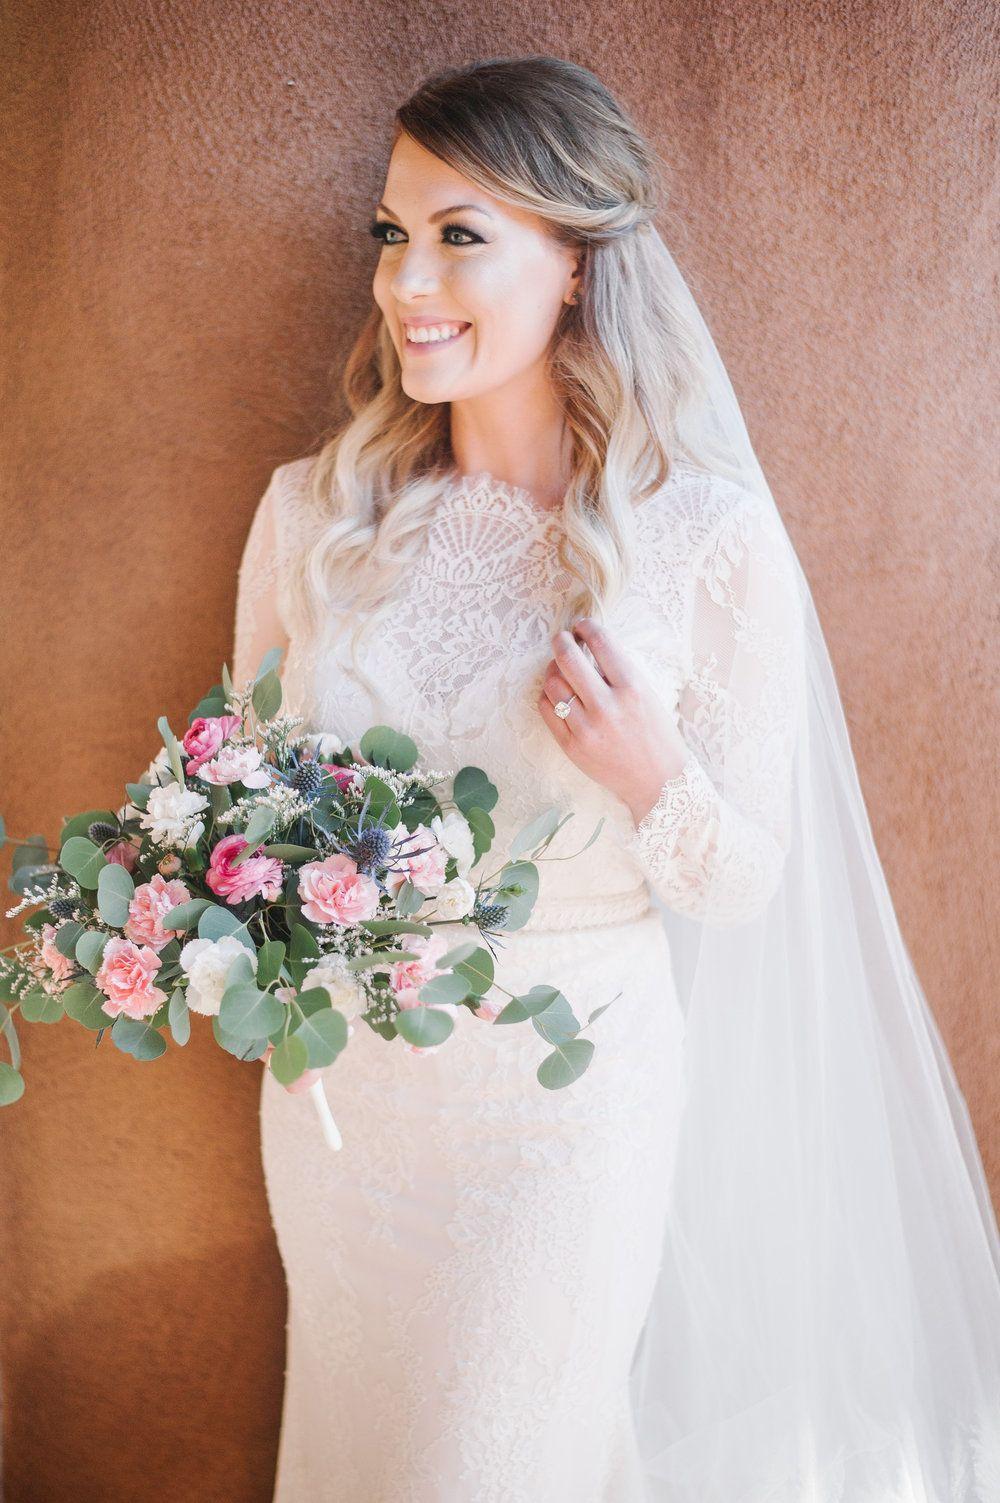 affordable wedding dresses denver wedding dresses designs ideas and photos opin dresses. Black Bedroom Furniture Sets. Home Design Ideas